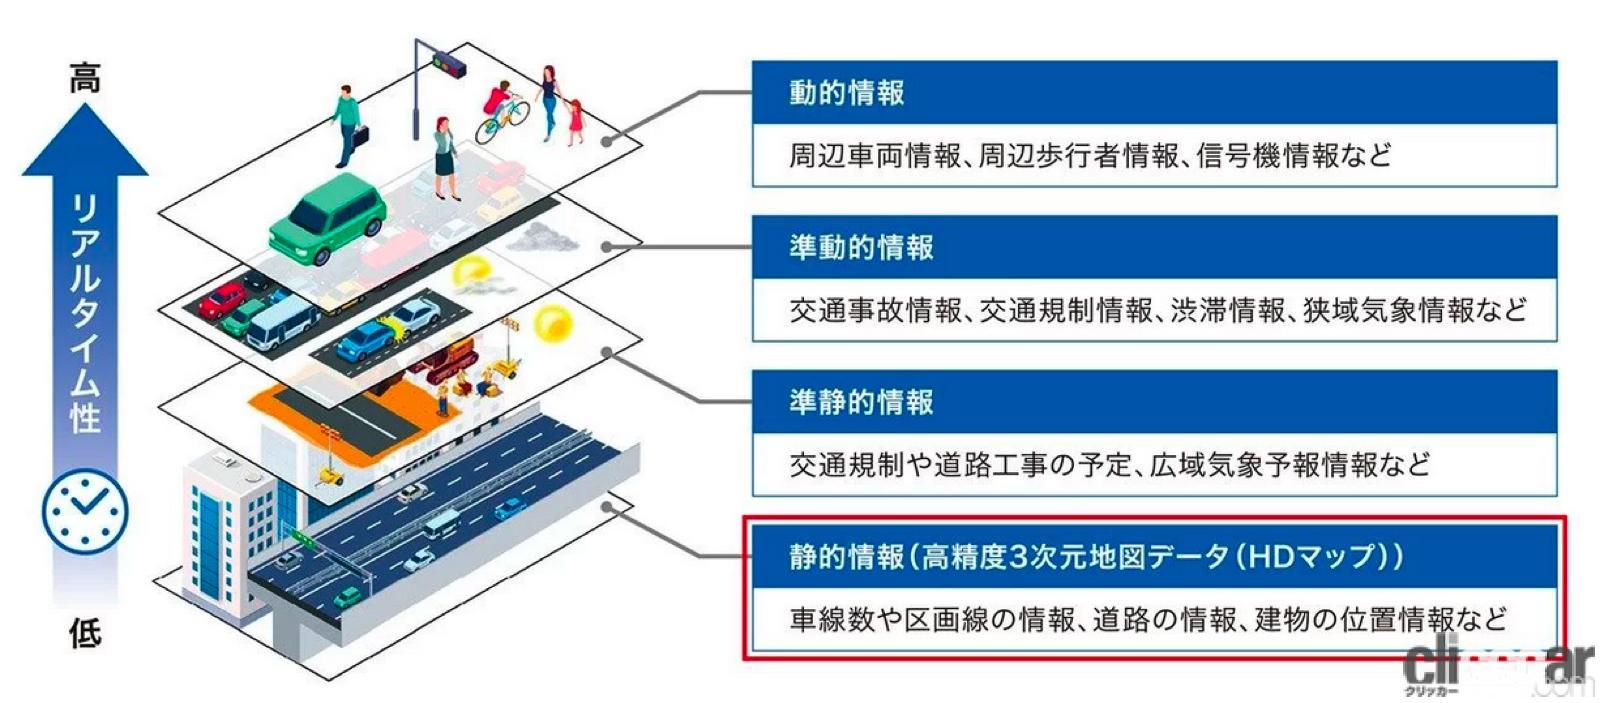 「清水和夫が解説!日本が進める「自動運転の今」はどんな技術で、どう使うのか?【SIP第2期 自動運転 中間成果発表会】」の7枚目の画像